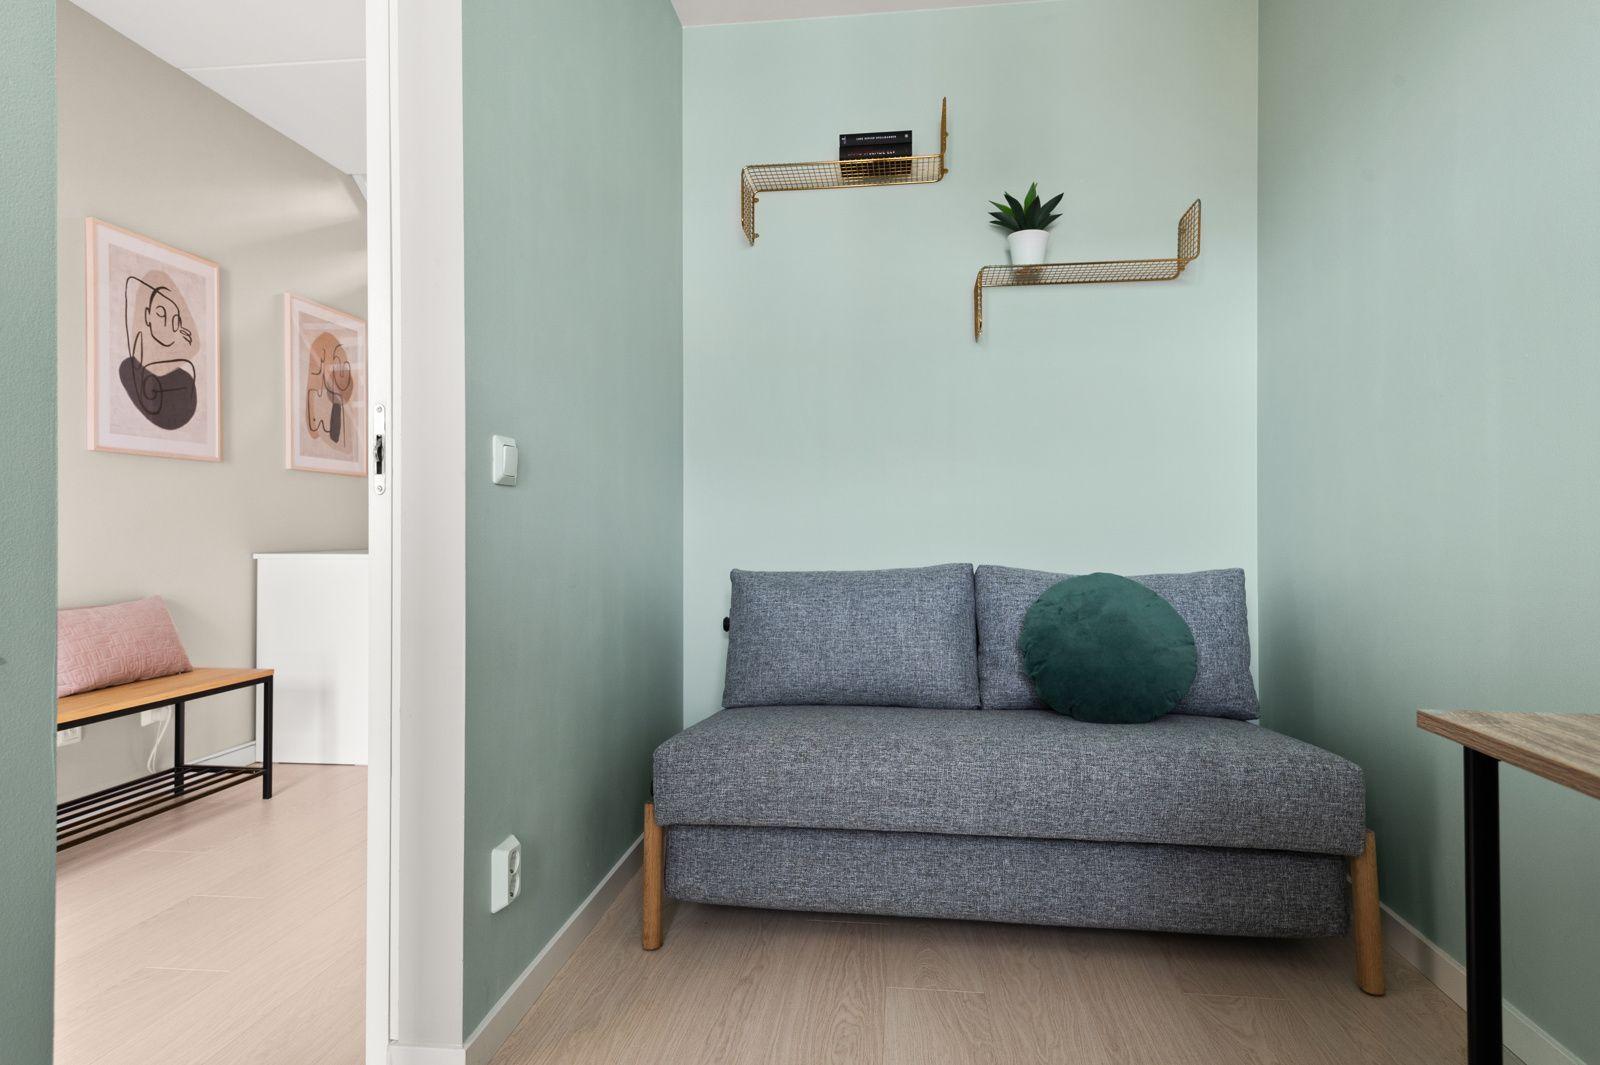 Bergensgata 36 G Samme gode standard som resten av leiligheten med lys enstavs parkett på gulv og glatte overflater malt i en fin farge.